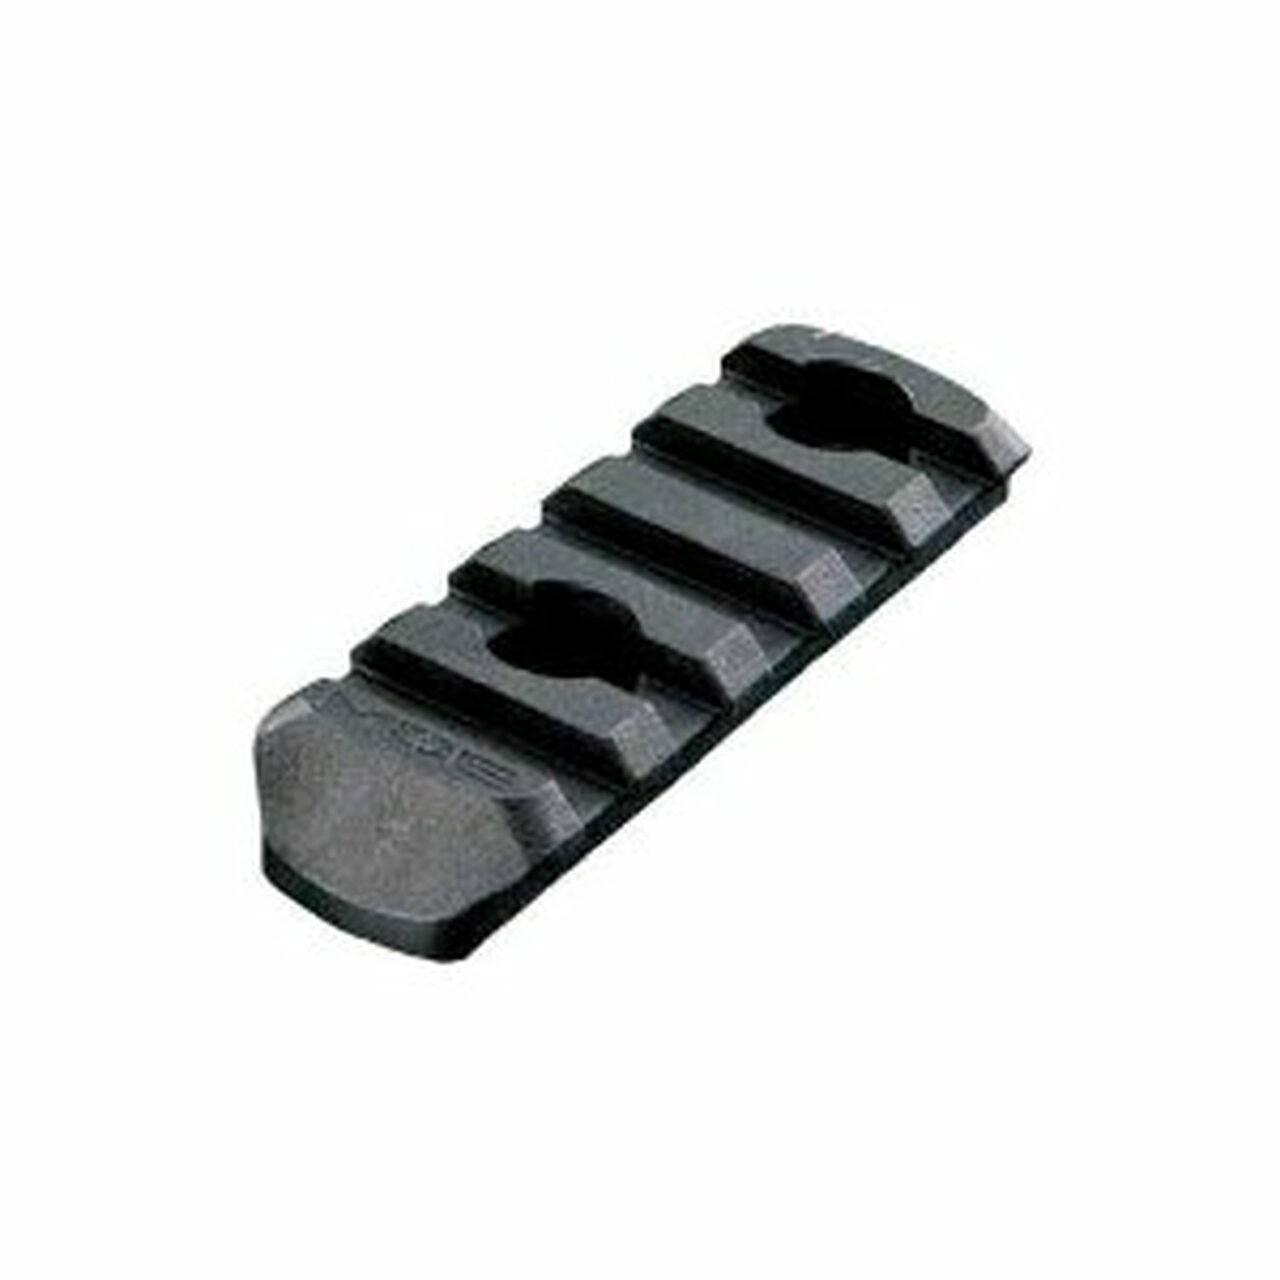 Magpul MOE Rail Section L2 5 slot